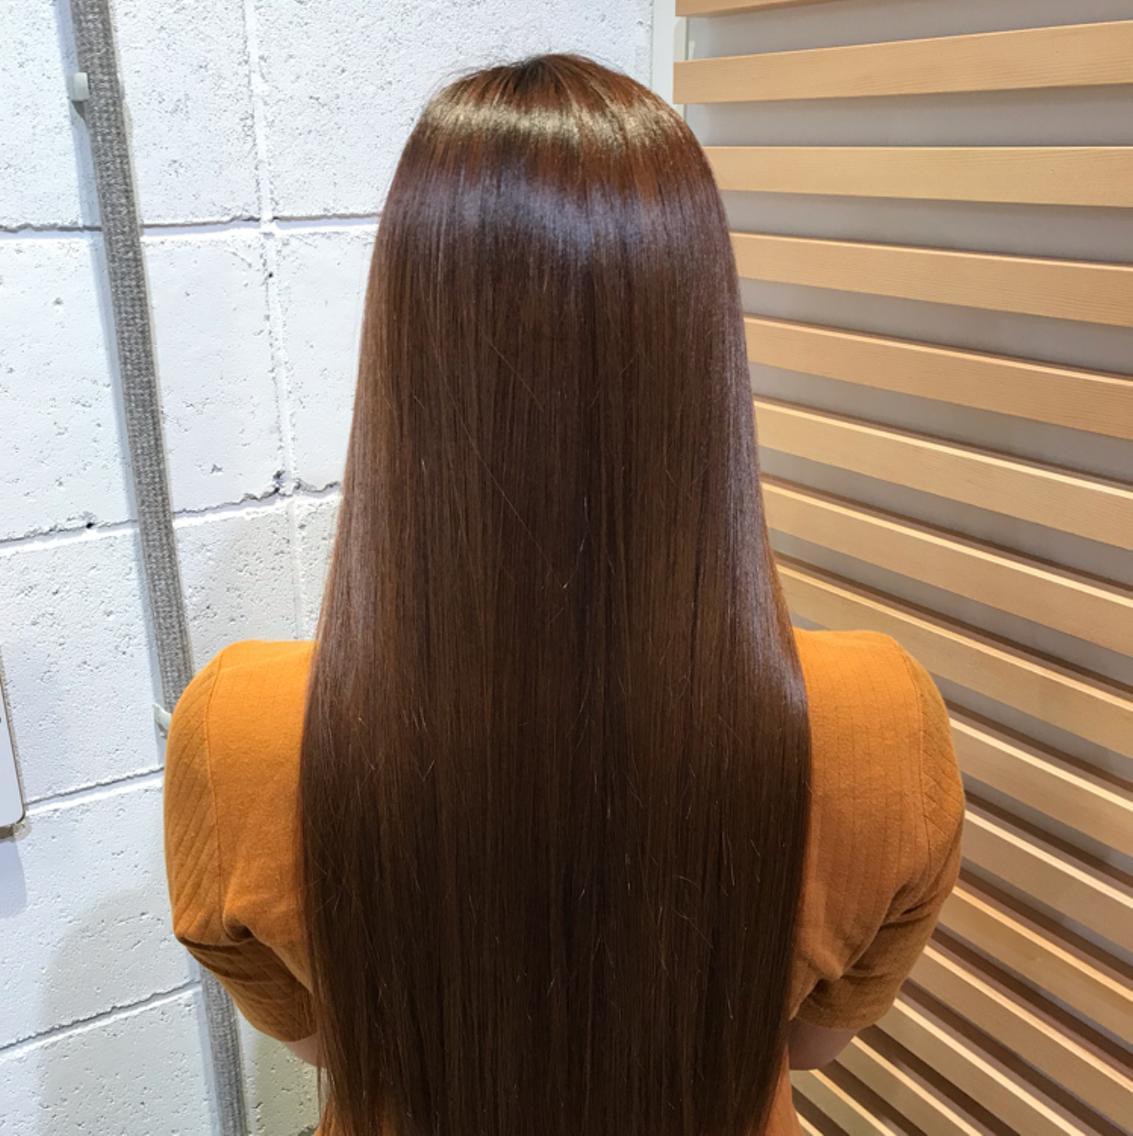 マクロバブル!美髪ストレート、美髪トリートメントなど北陸初のメニューを1度お試し下さい!